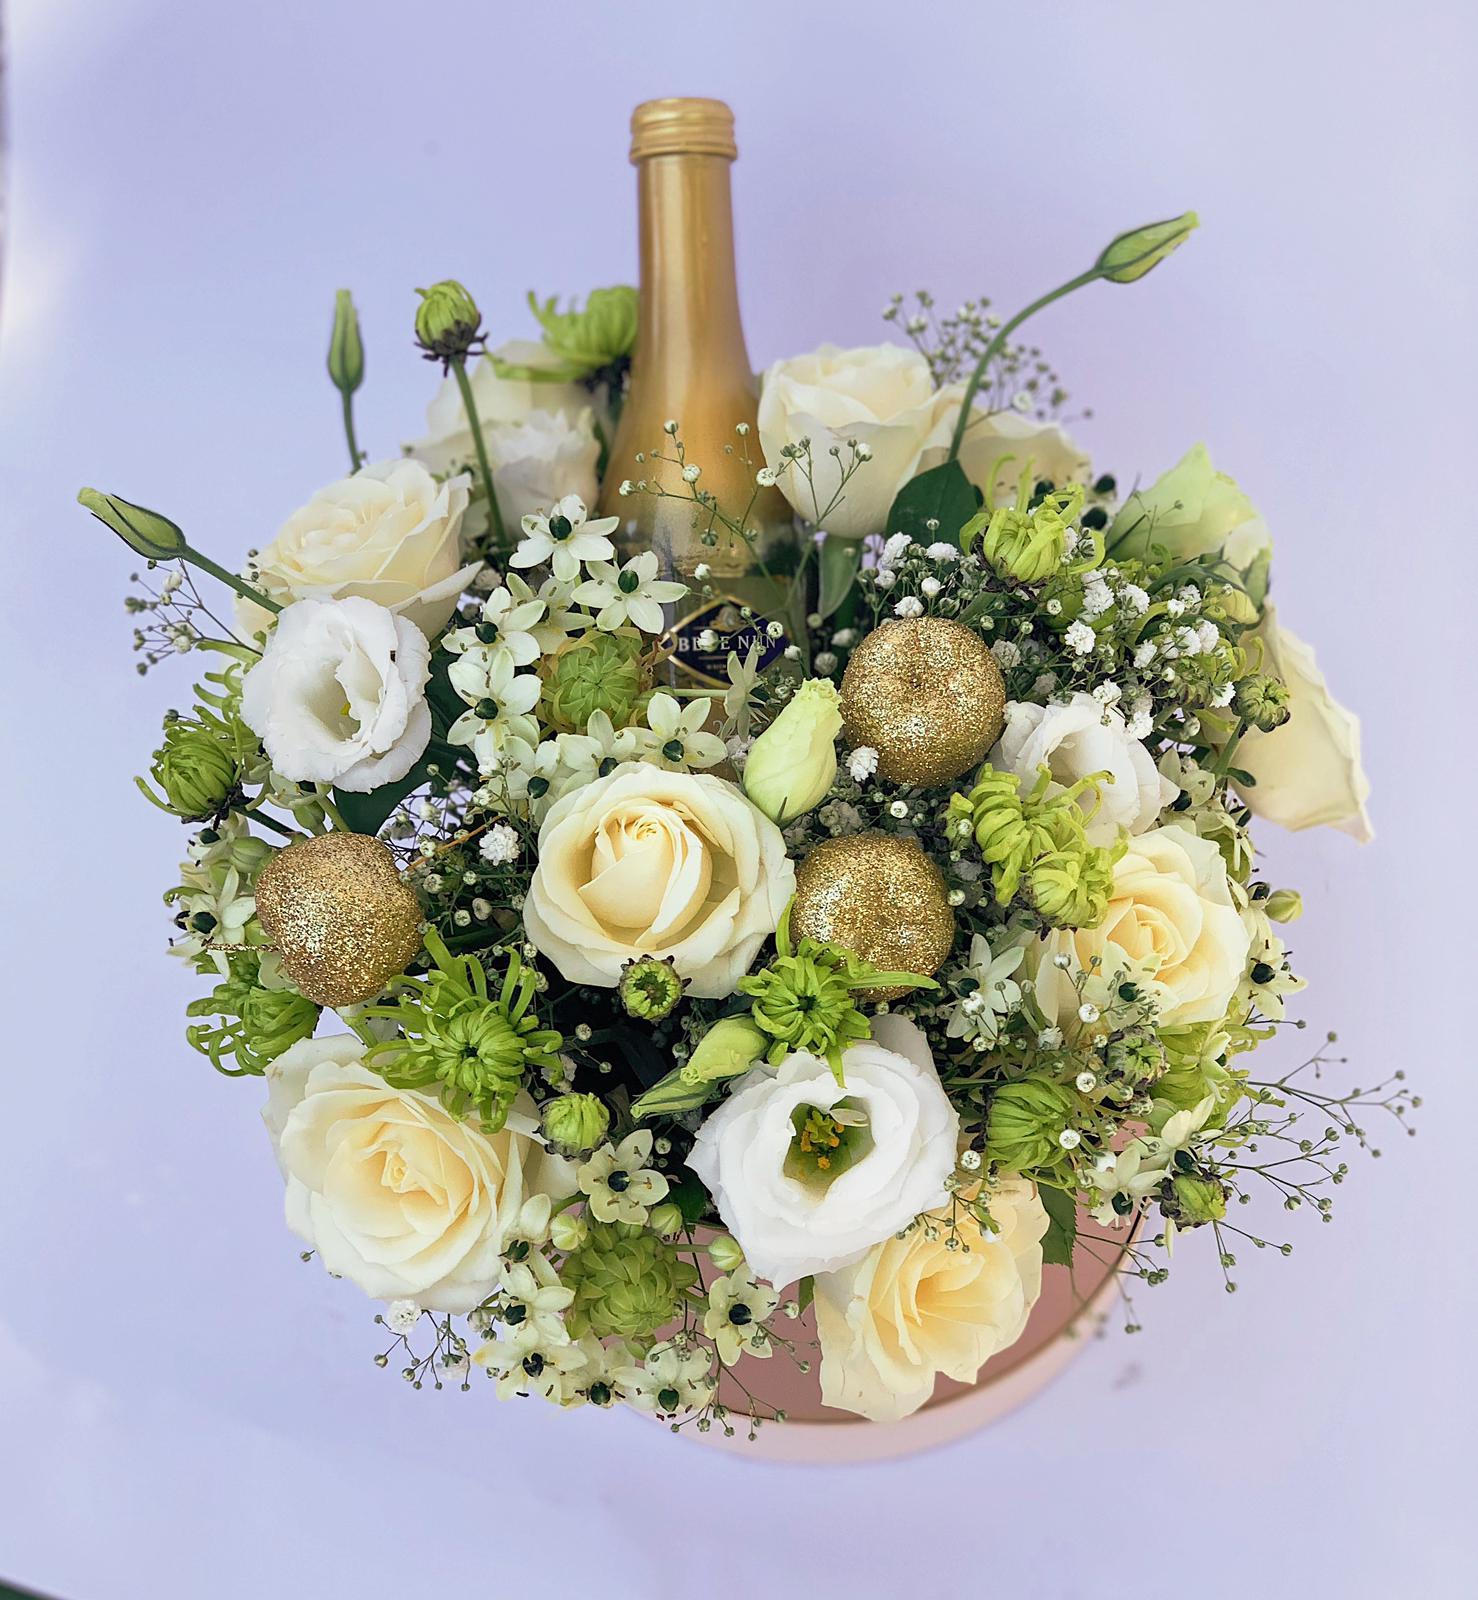 לשנה מתוקה - פרחי סיתוונית - אשקלון